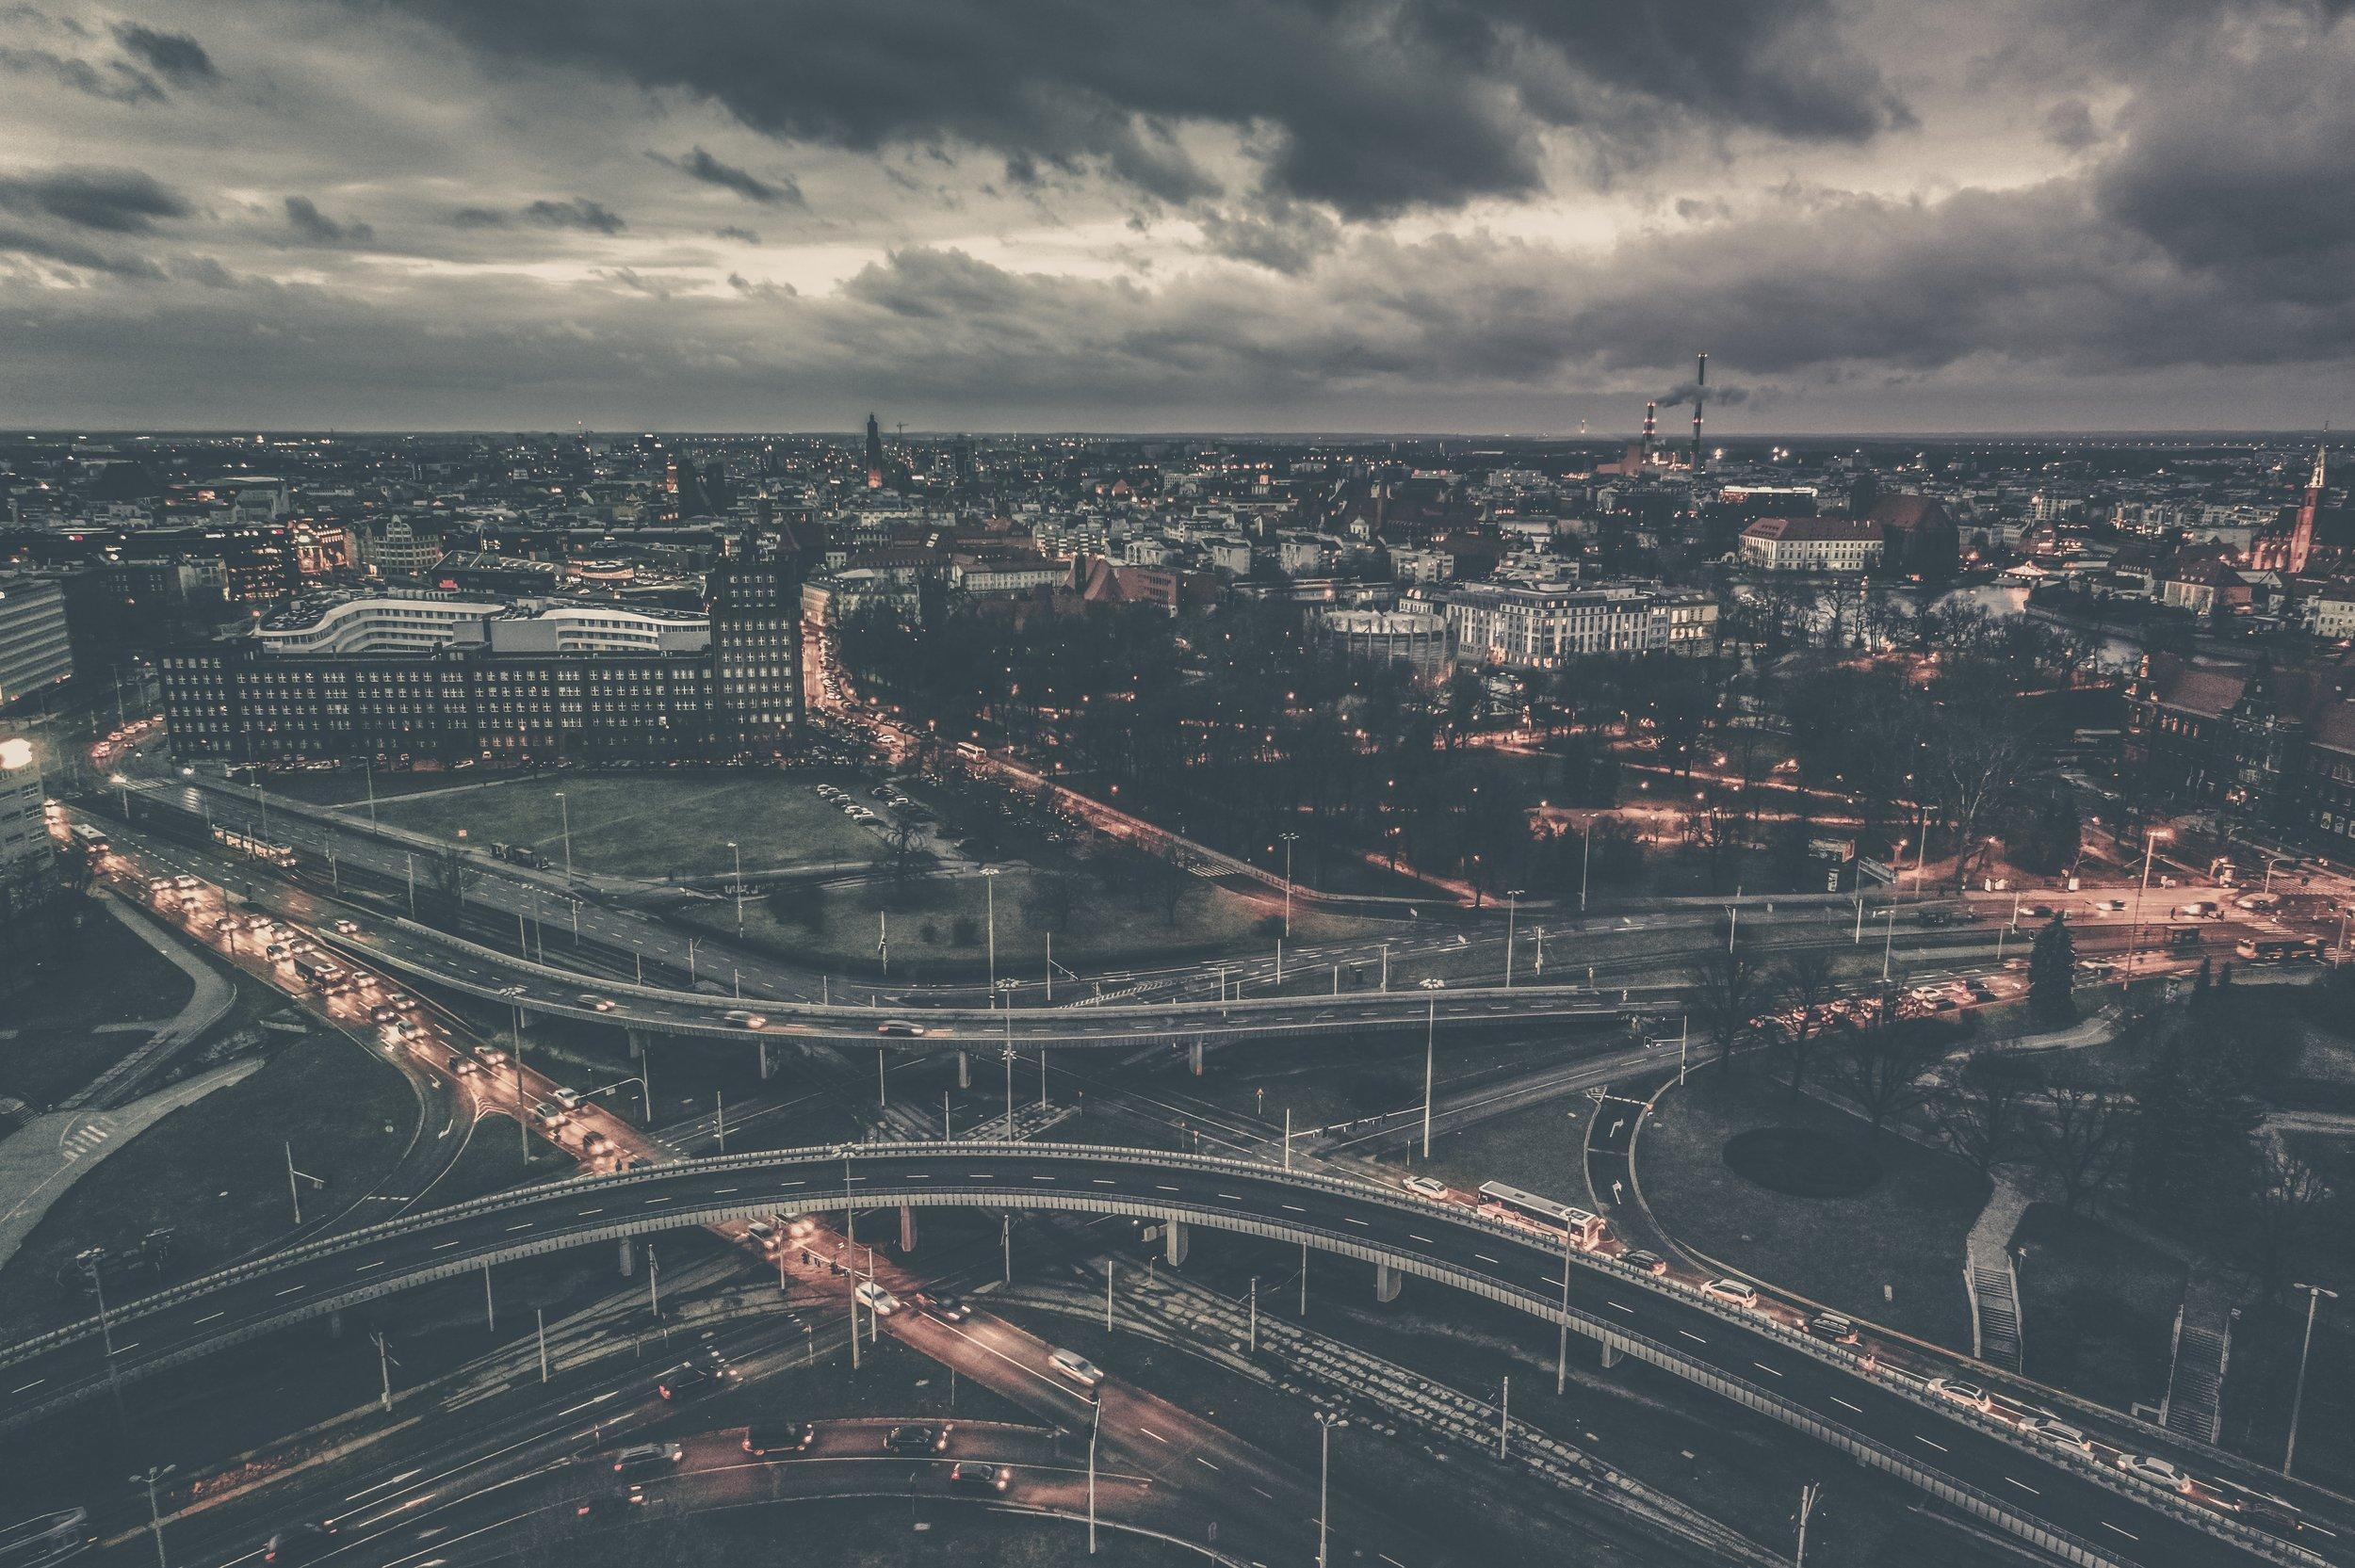 Photo by  Mateusz Gzik on  Unsplash